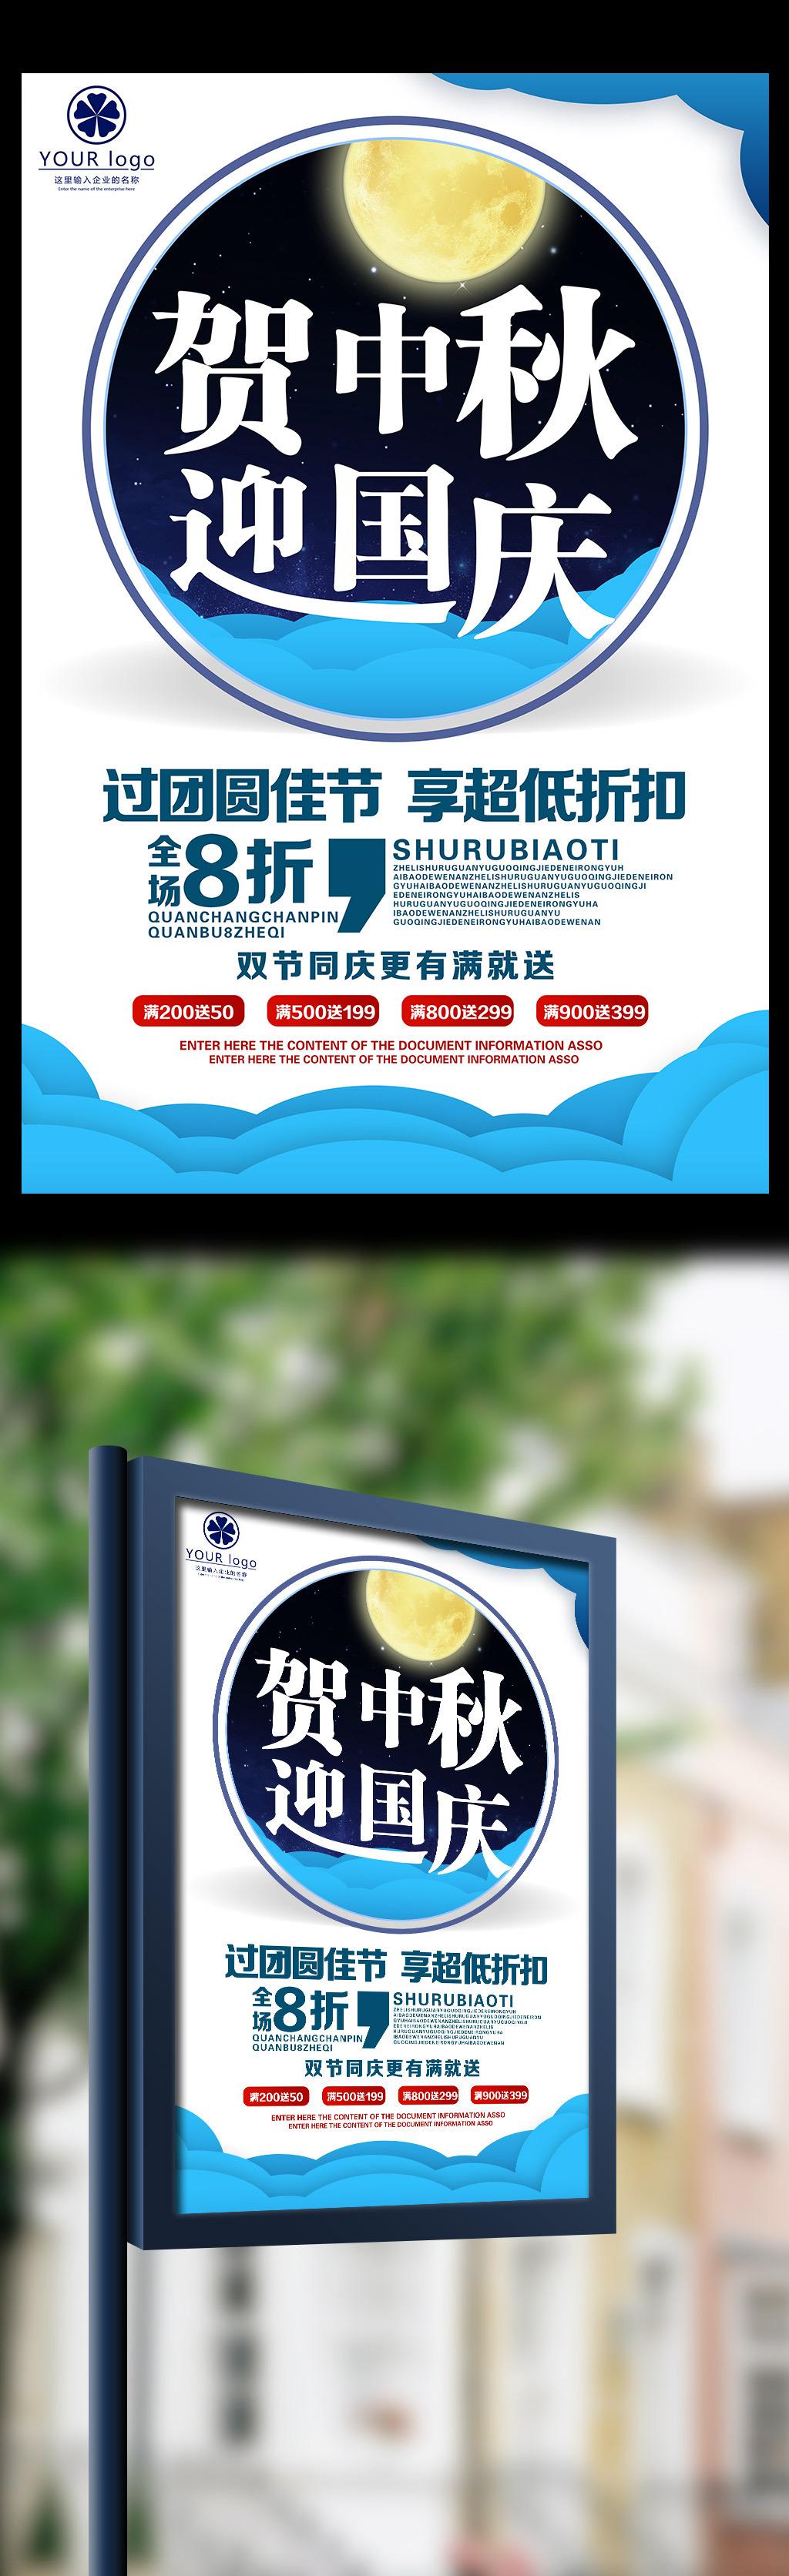 平面|广告设计 海报设计 pop海报 > 贺中秋迎国庆双节狂欢海报   图片